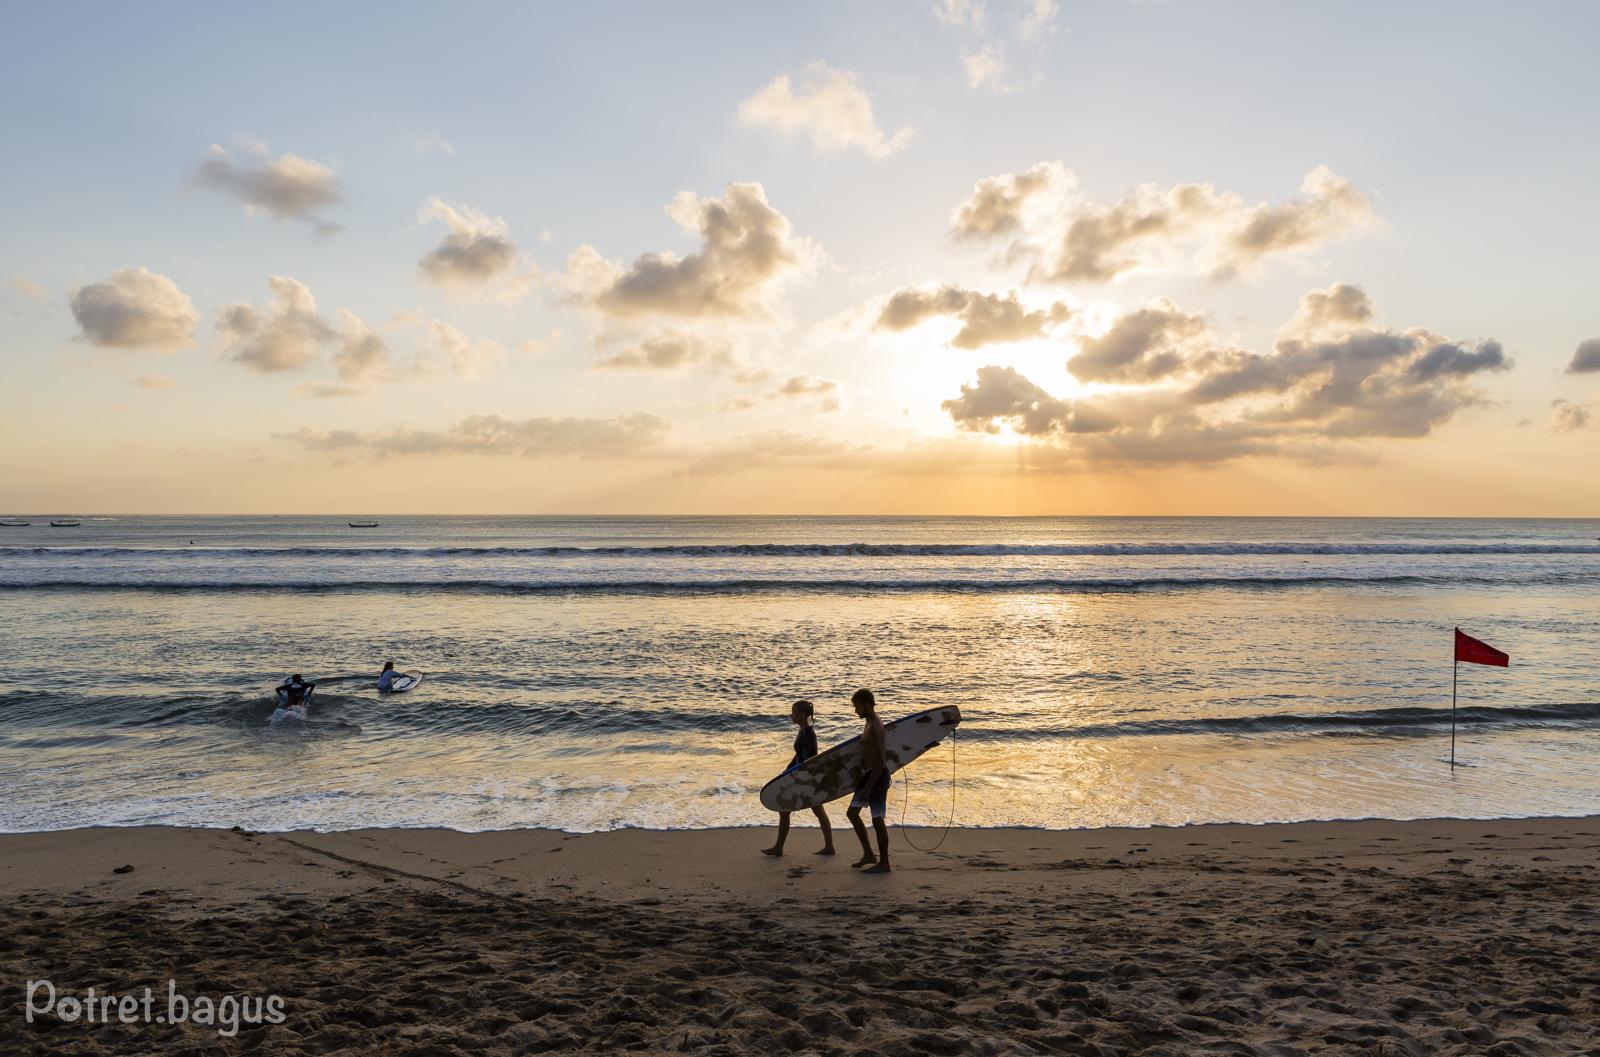 Sunset at Kuta Beach - potret bagus